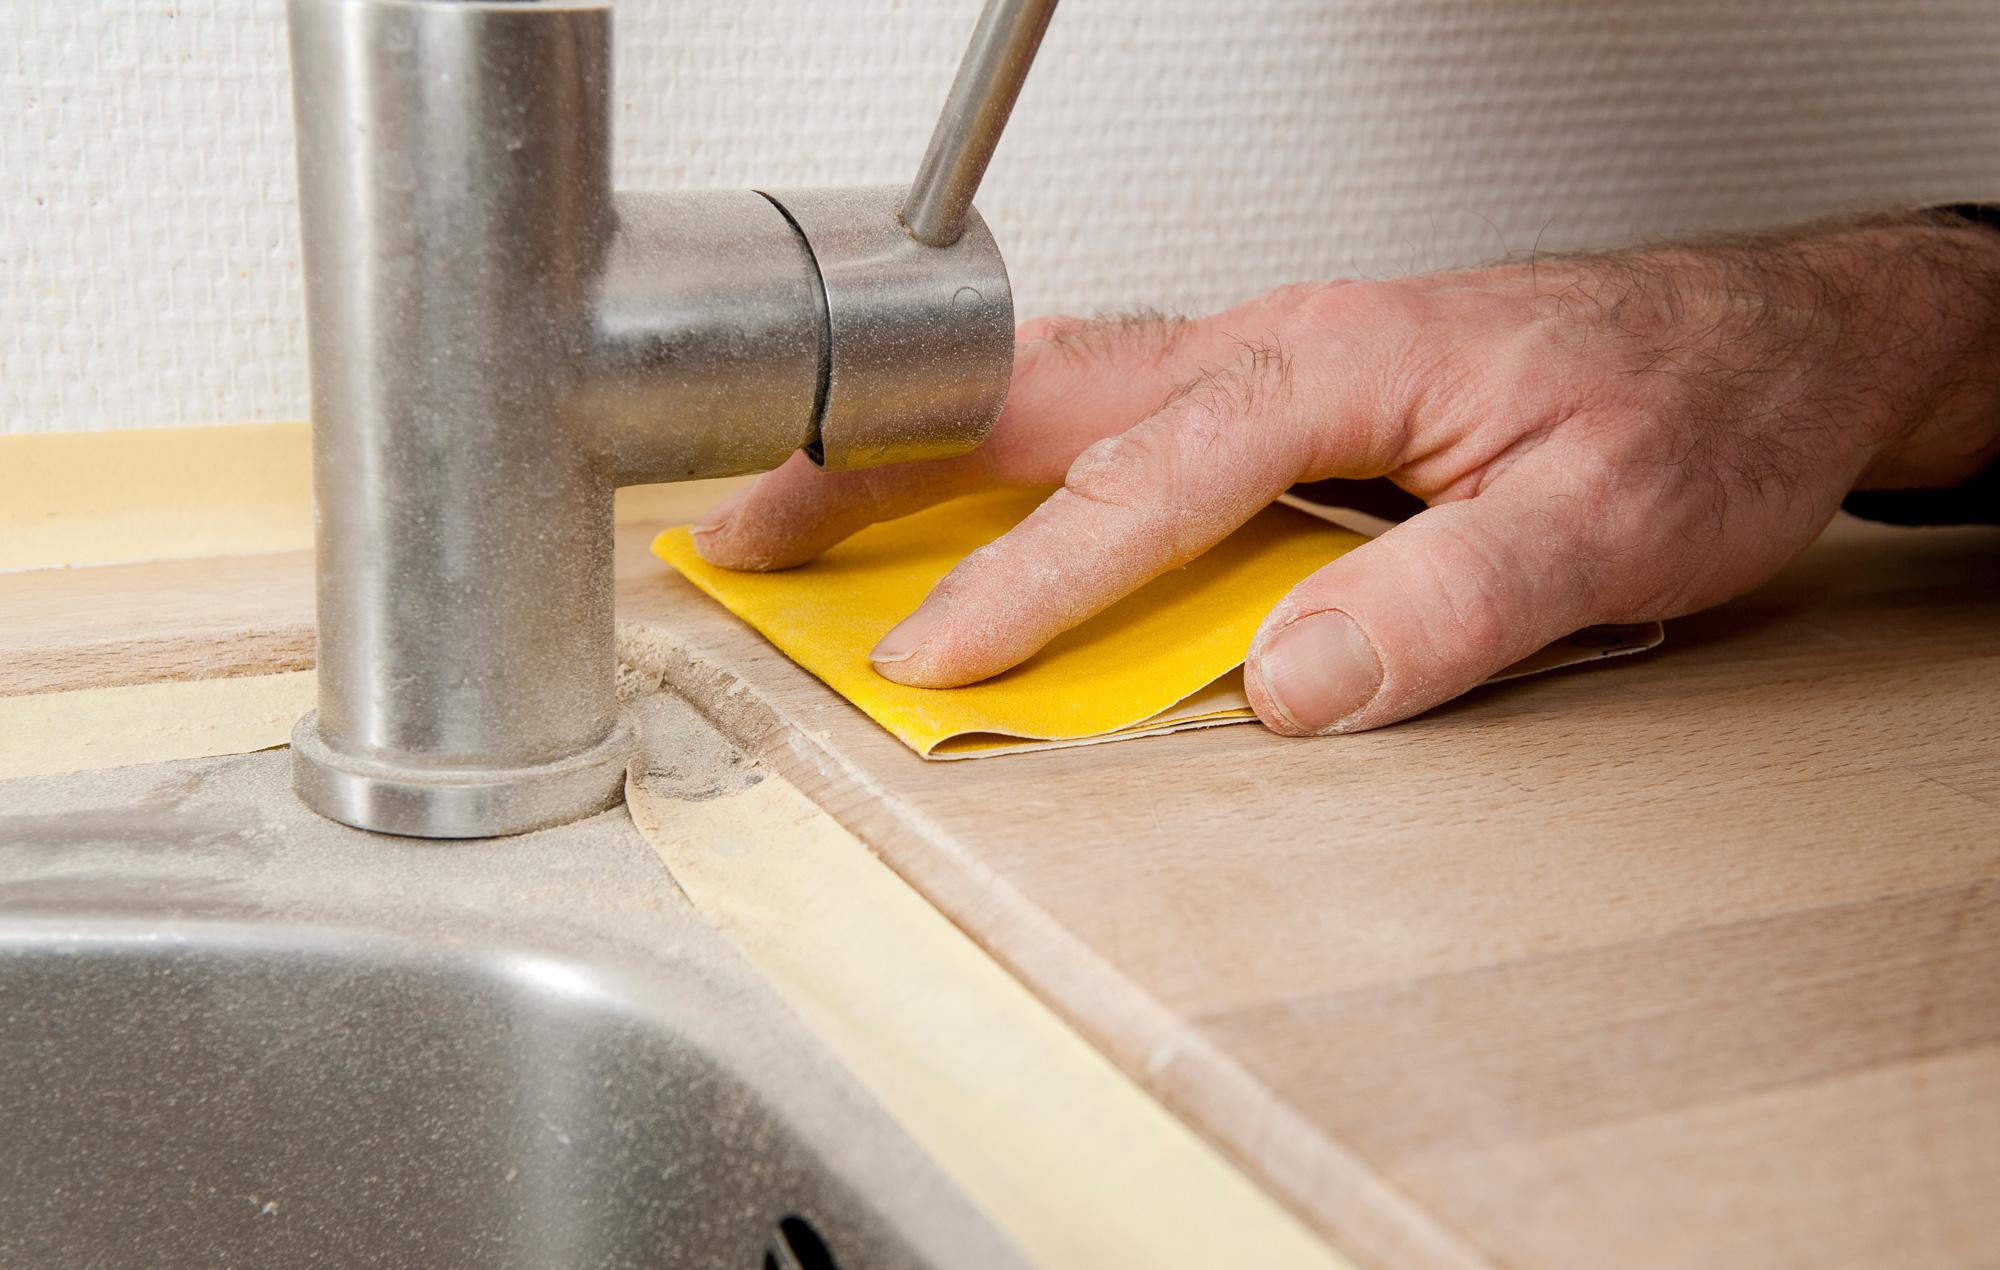 #C29909 Bedst Gør Det Selv Sådan Sliber Du Køkkenbordspladen Gør Det Selv Test Bordrundsav 6173 200012706173